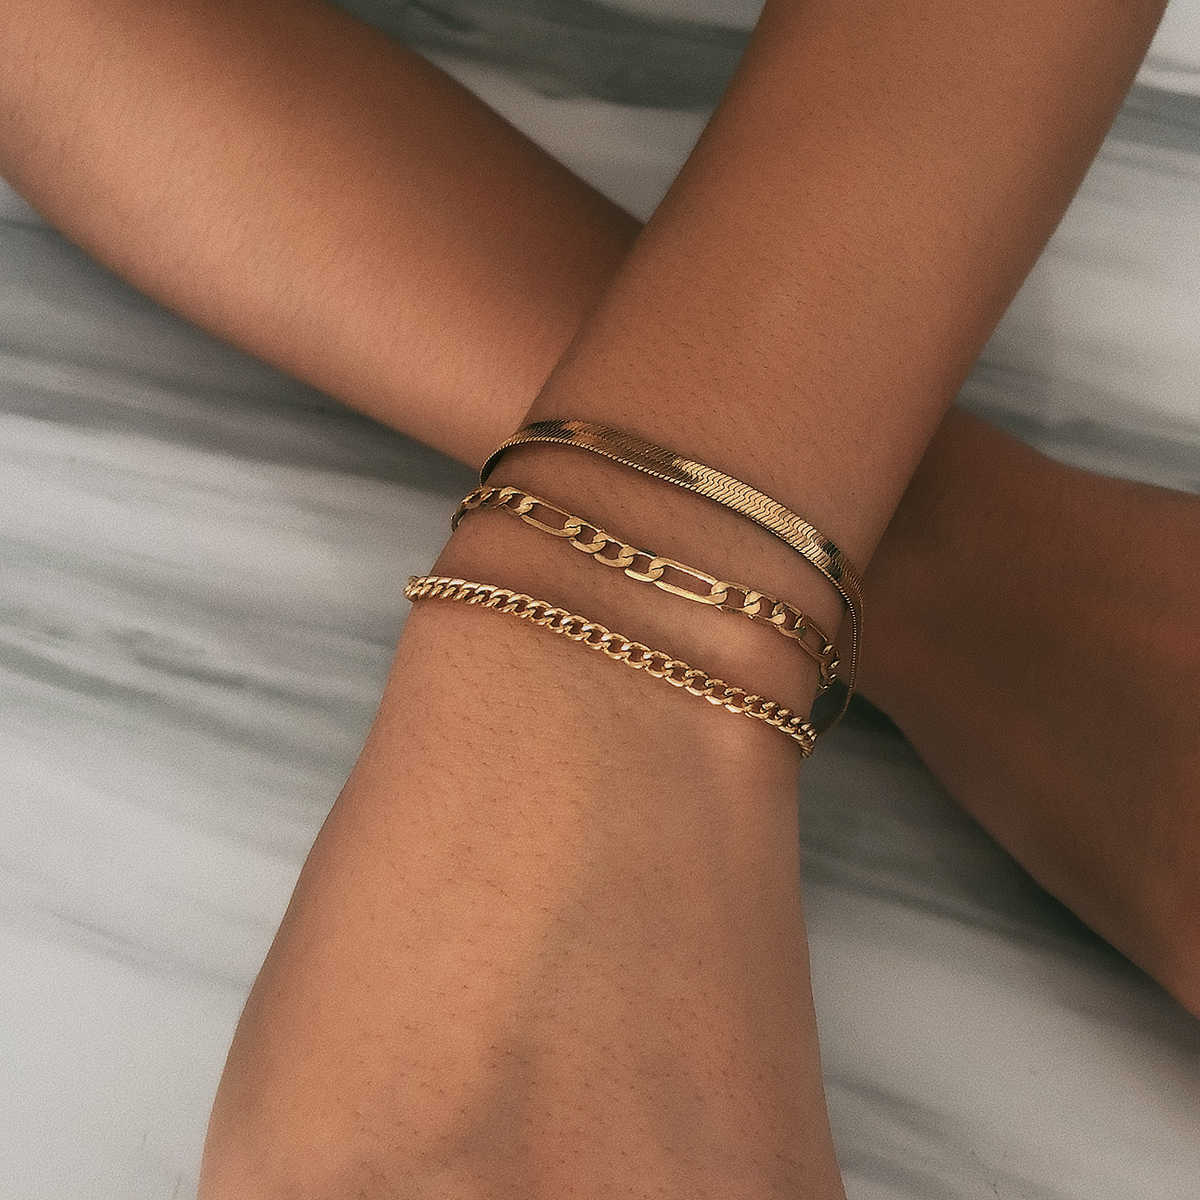 高品質自由奔放に生きるスネークチェーンブレスレットバングル女性のための腕章パンクマルチレイヤ金属の厚さのチェーンブレスレットカップルジュエリー